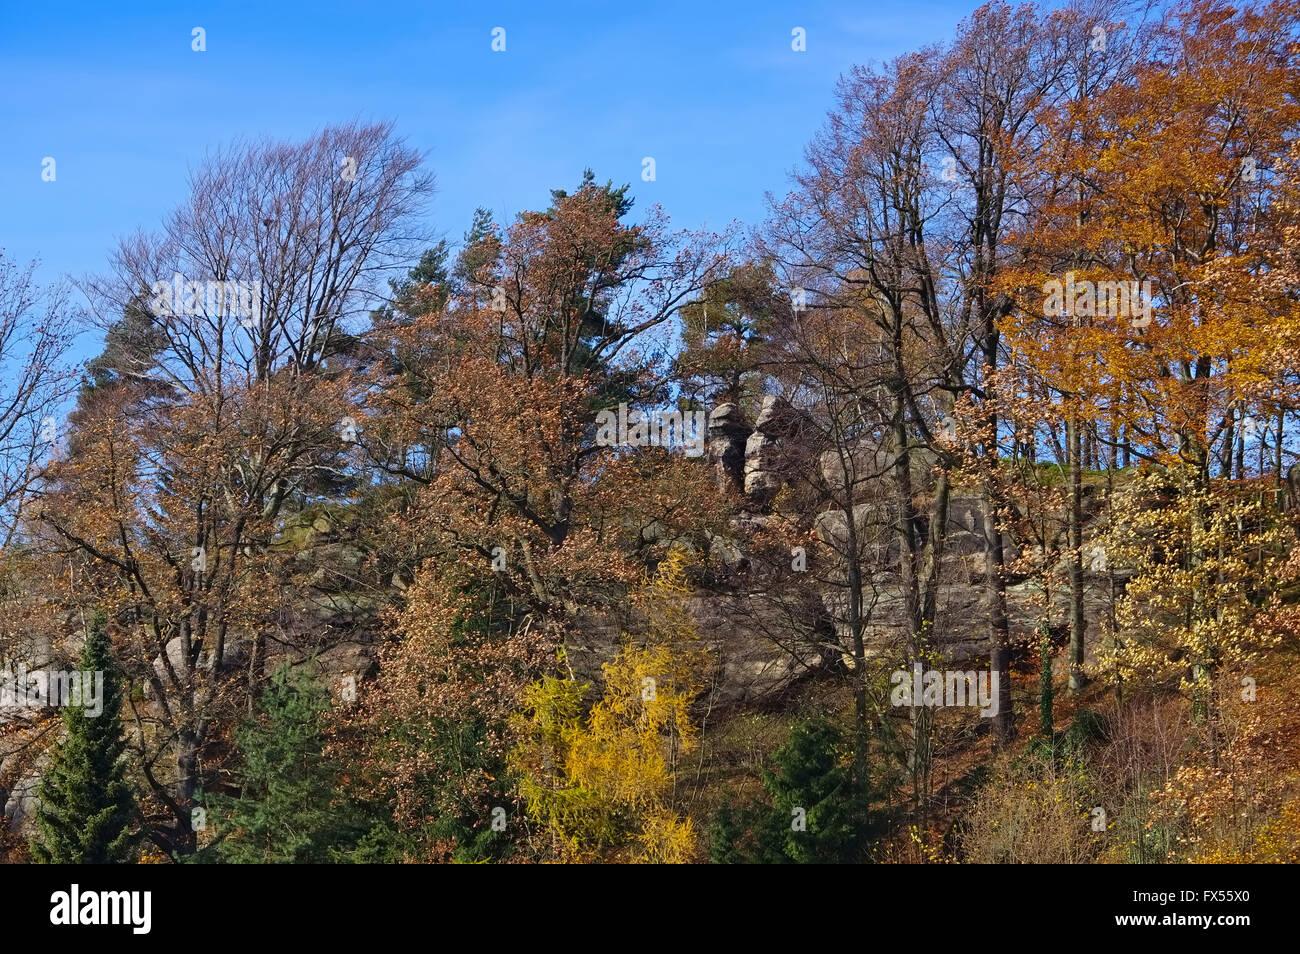 Jonsdorf Felsen im Herbst im Zittauer Gebirge - Jonsdorf rocks in fall in Zittau Mountains Stock Photo